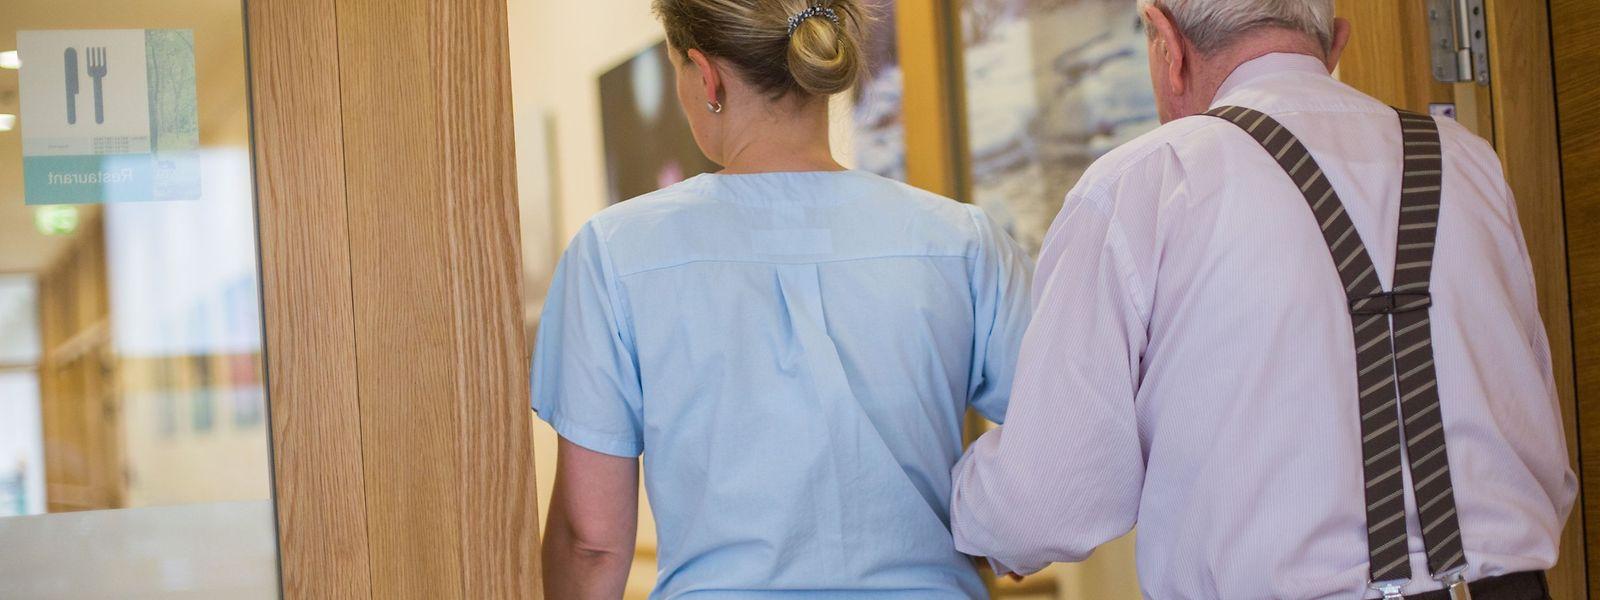 Die Regierung hat eine Reihe von Verbesserungen bei den Pflegedienstleistungen beschlossen.